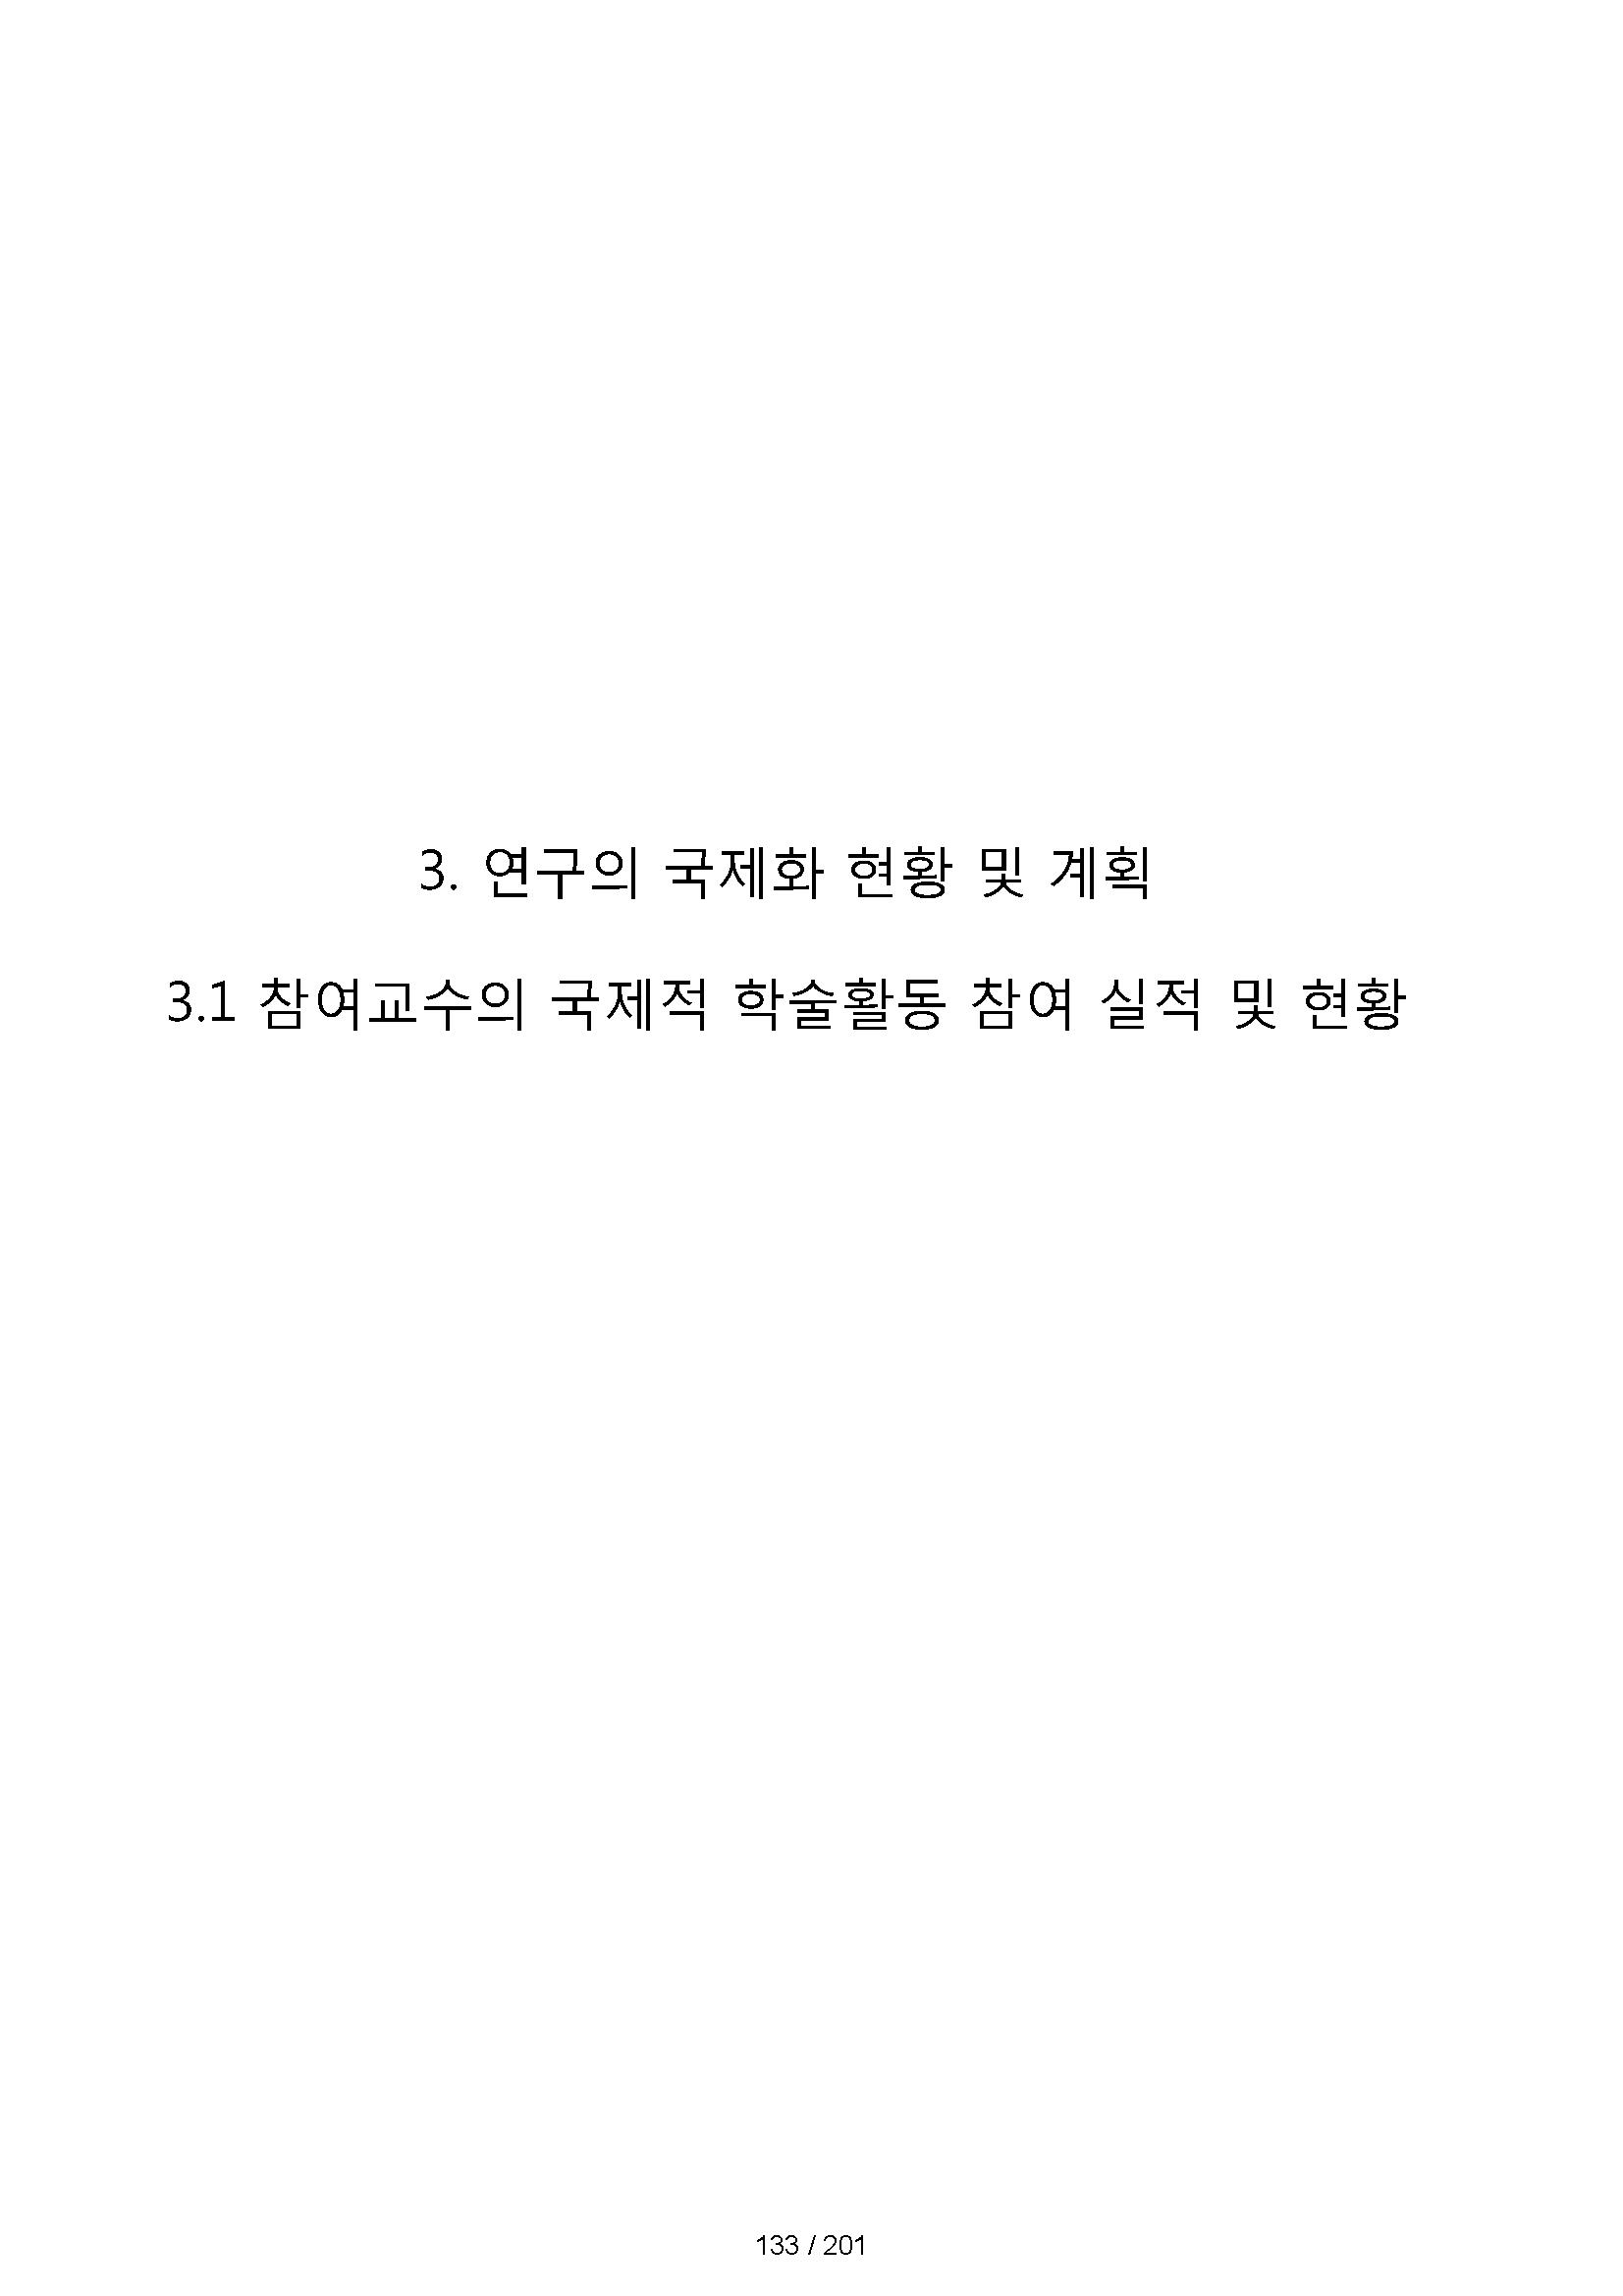 02_본문_페이지_134